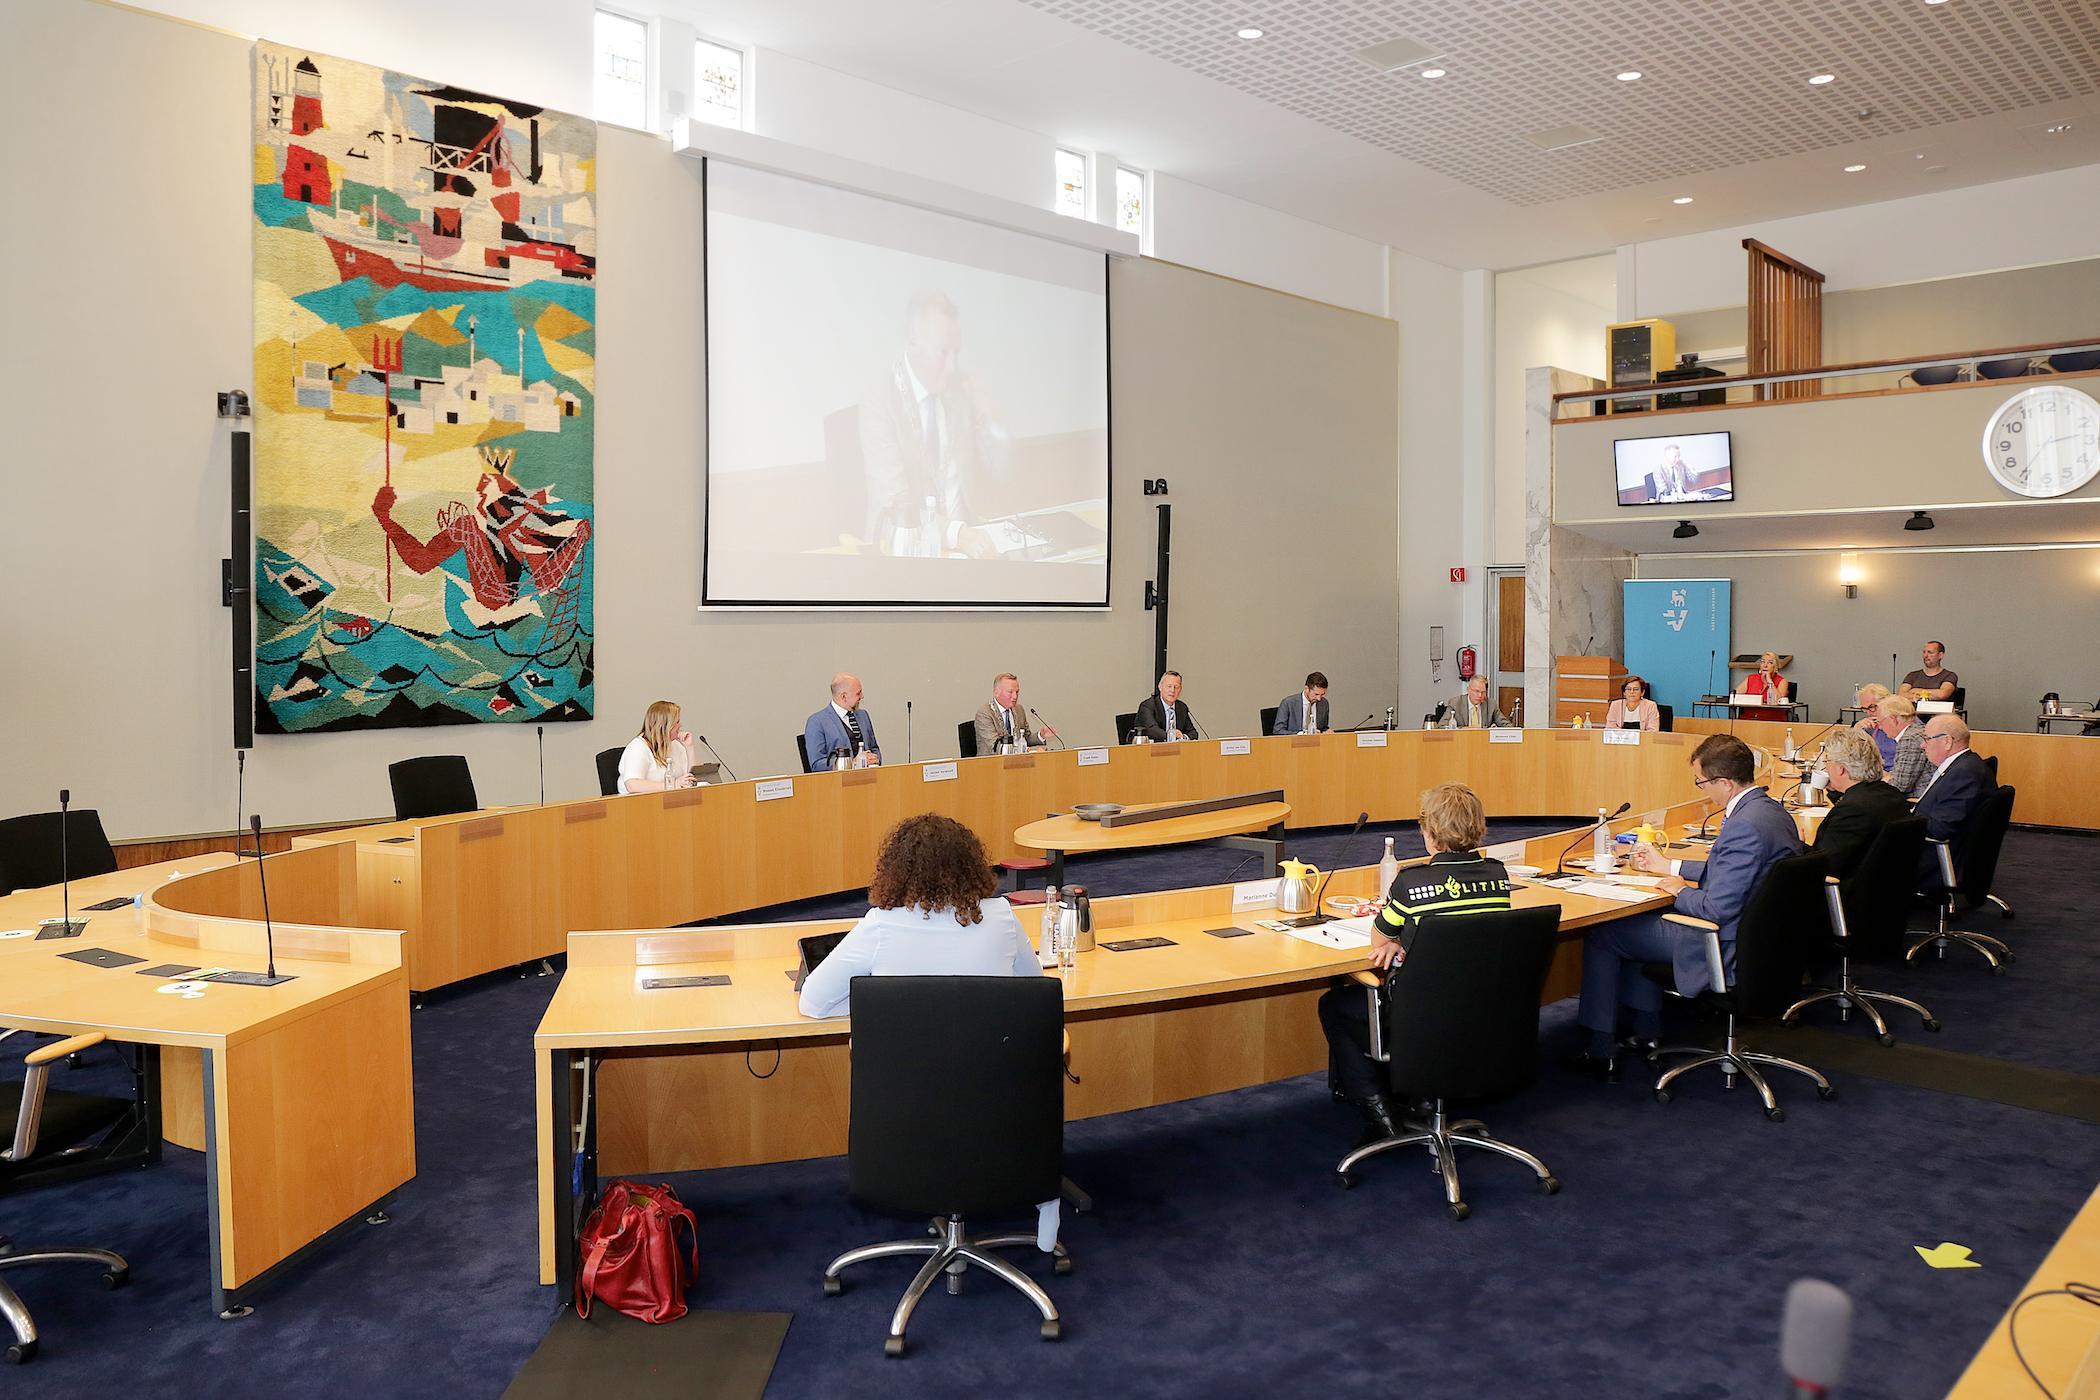 Provincie Noord-Holland doet noodlijdende Stadsschouwburg Velsen een handreiking: 'Het is een feest om u te horen'